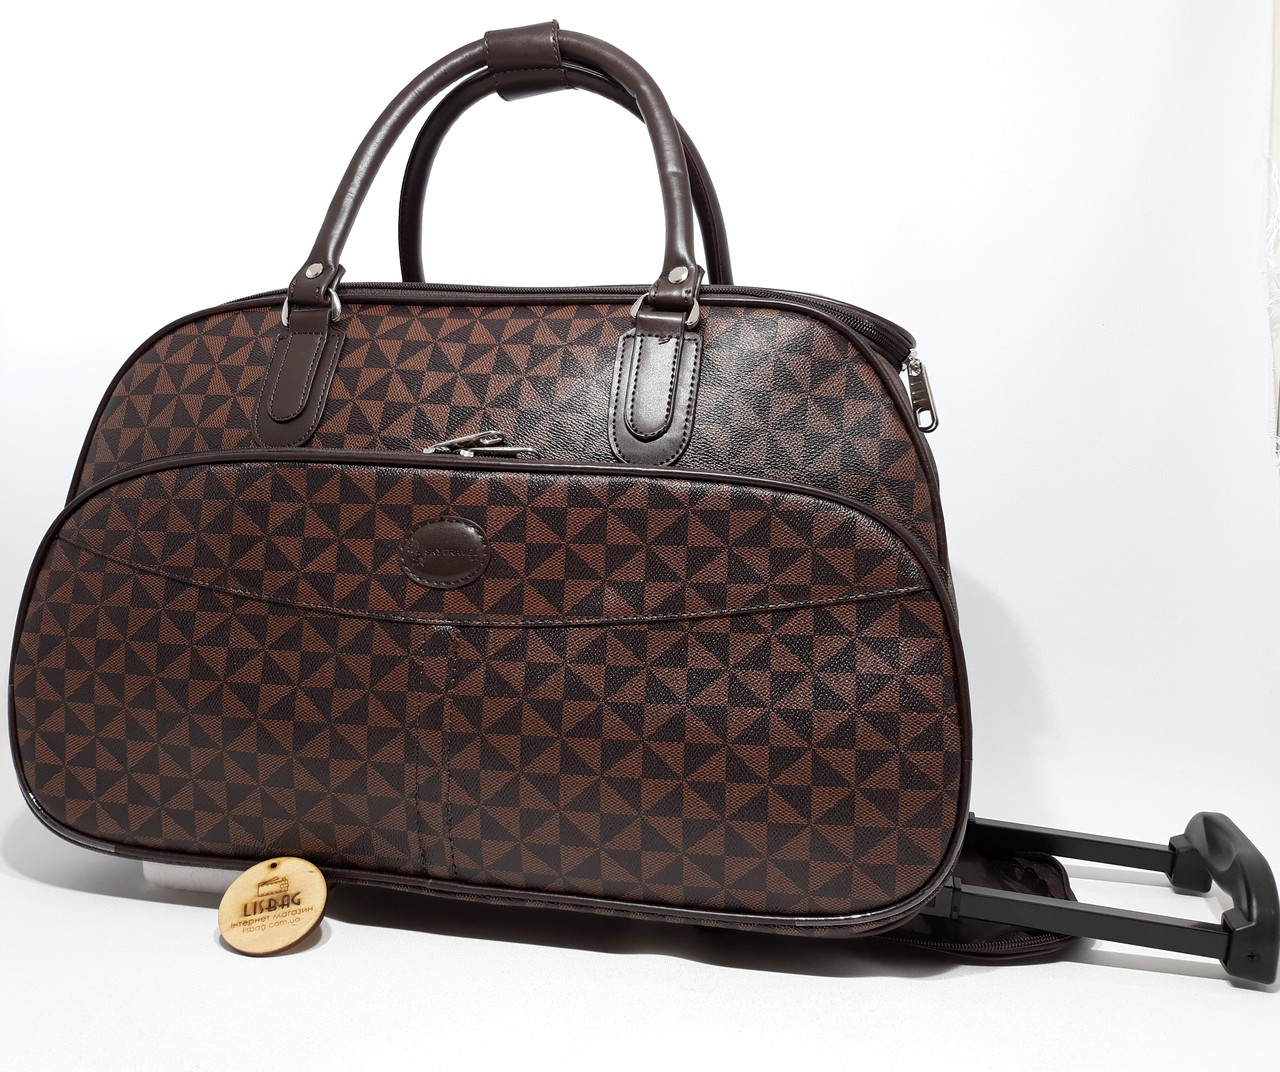 a6a9bb7d8435 Сумка на колесах большая XL Коричневая (59*31*38) чемодан дорожная сумка